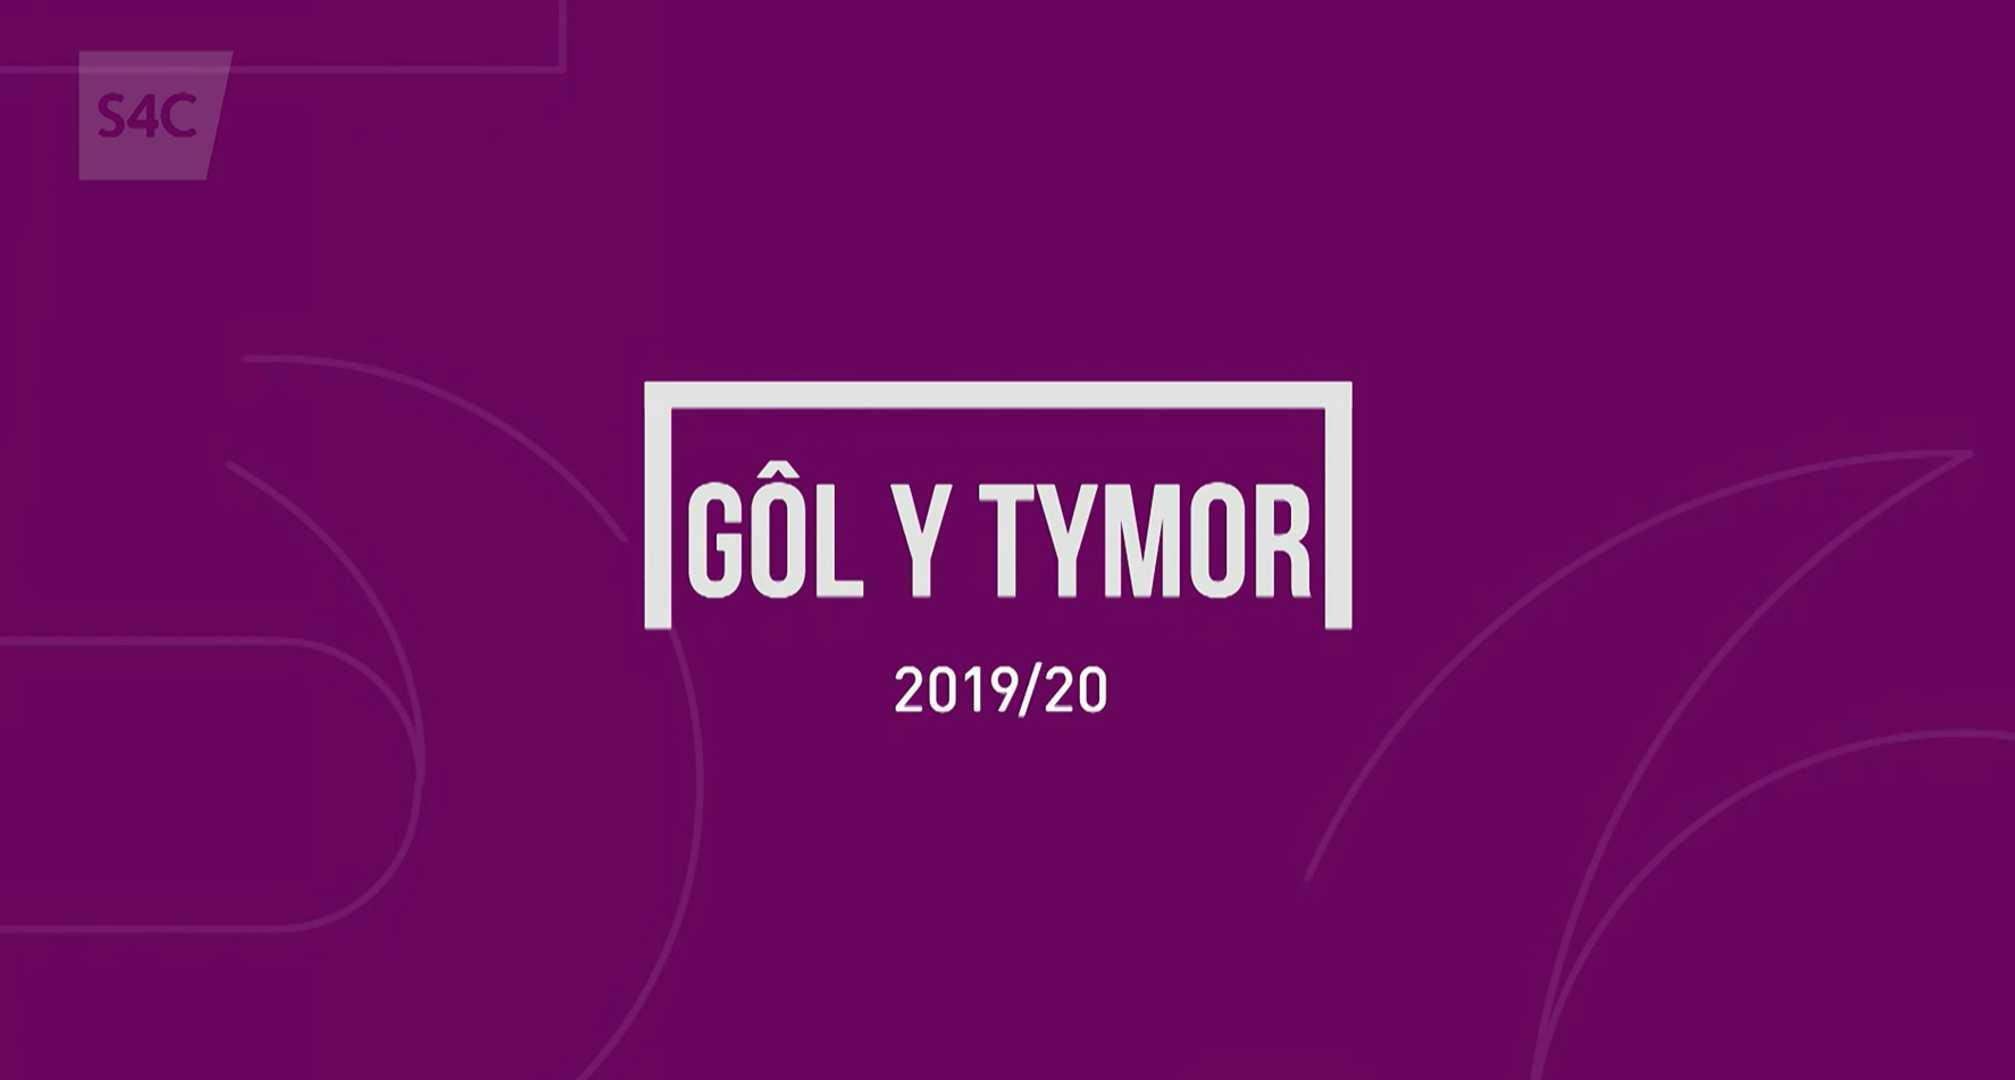 Gôl y Tymor: rhestr fer